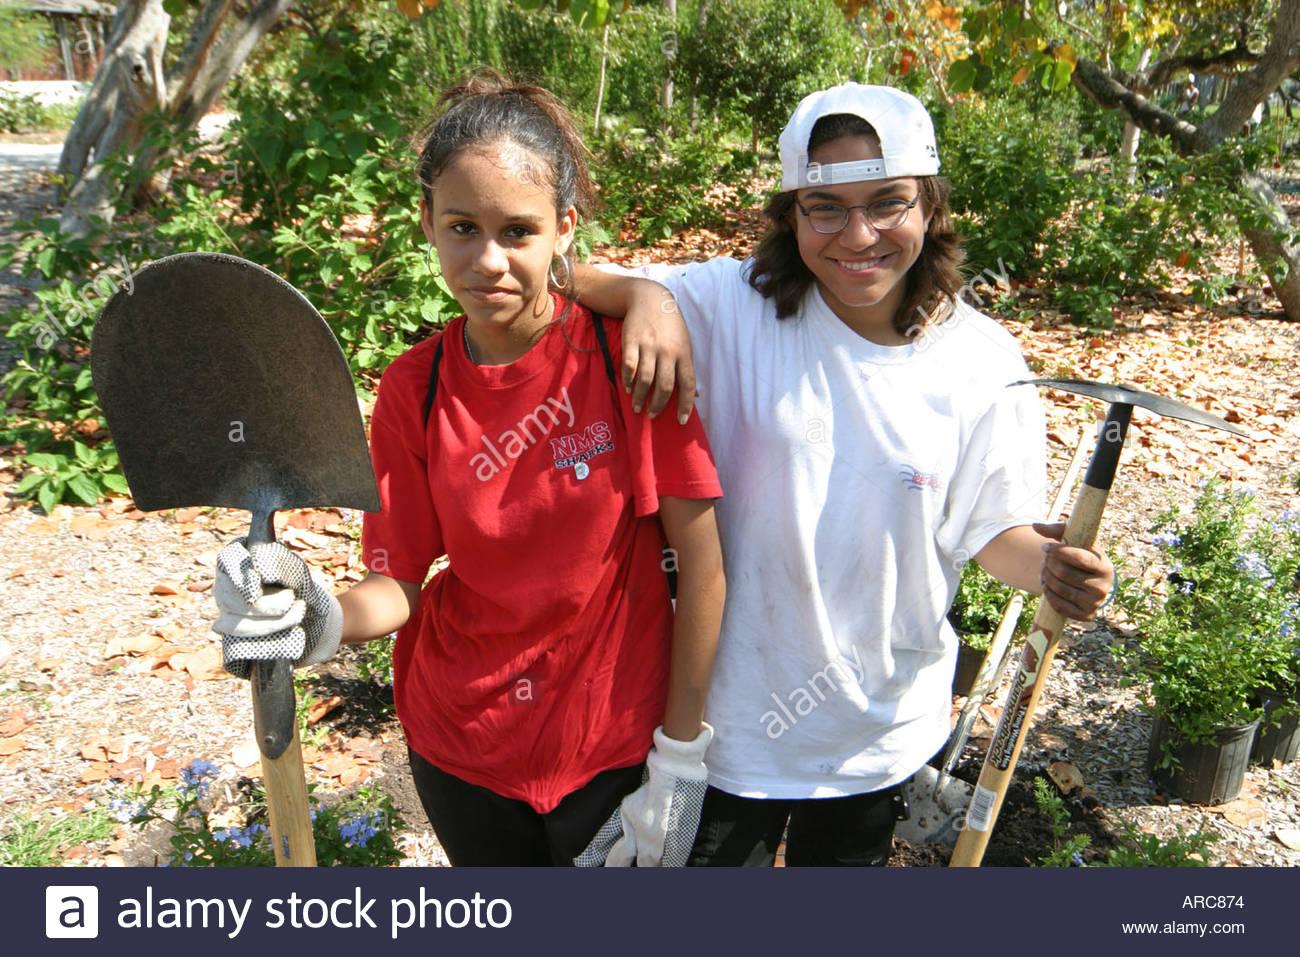 Miami Beach Florida d'Adolescents Corp le jour de la Terre de l'installation de jardin de papillons de creuser la plantation travail travail Photo Stock